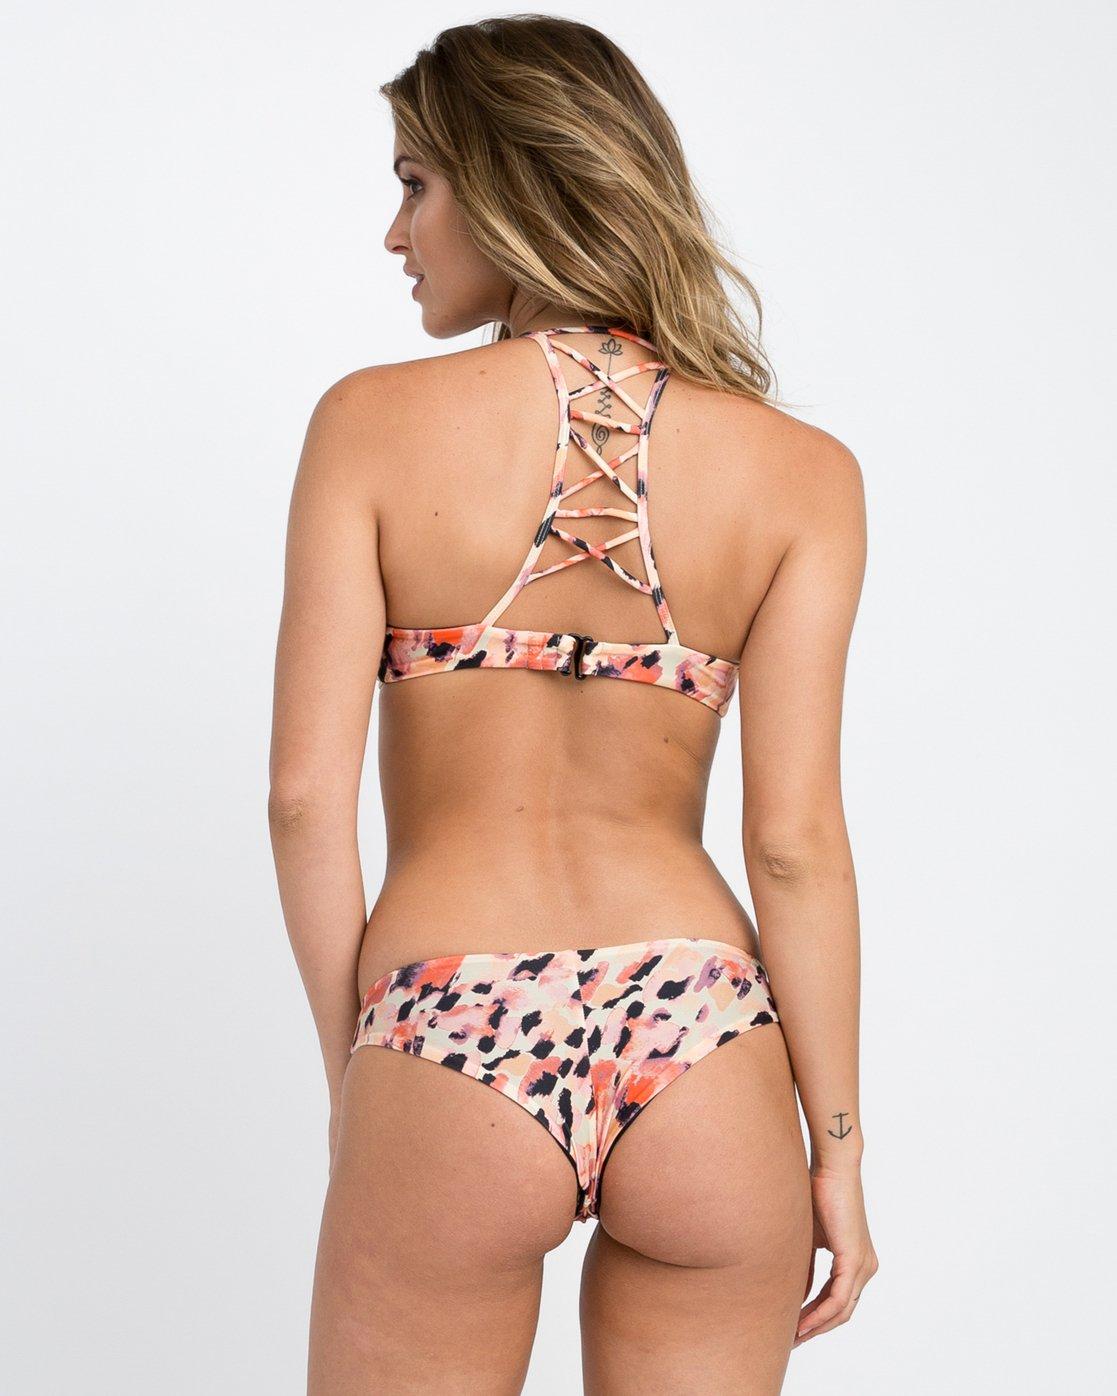 2 Water Color Leo Reversible Bralette Bikini Top Multicolor XT08PRLB RVCA